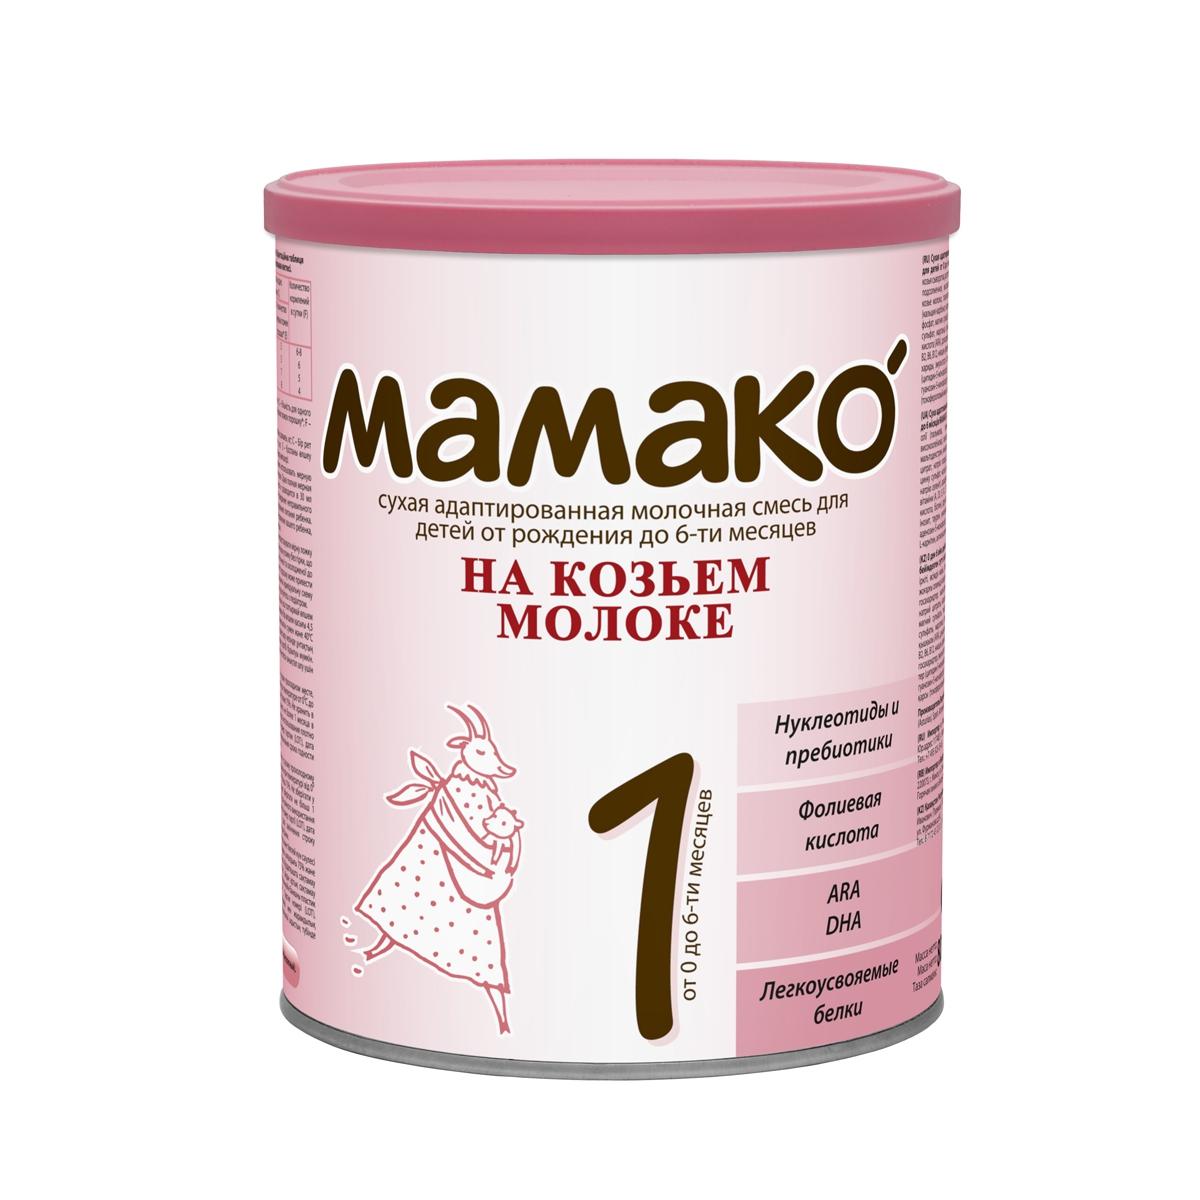 Мамако молочная смесь на основе козьего молока 800 гр №1 (с 0 мес)<br>